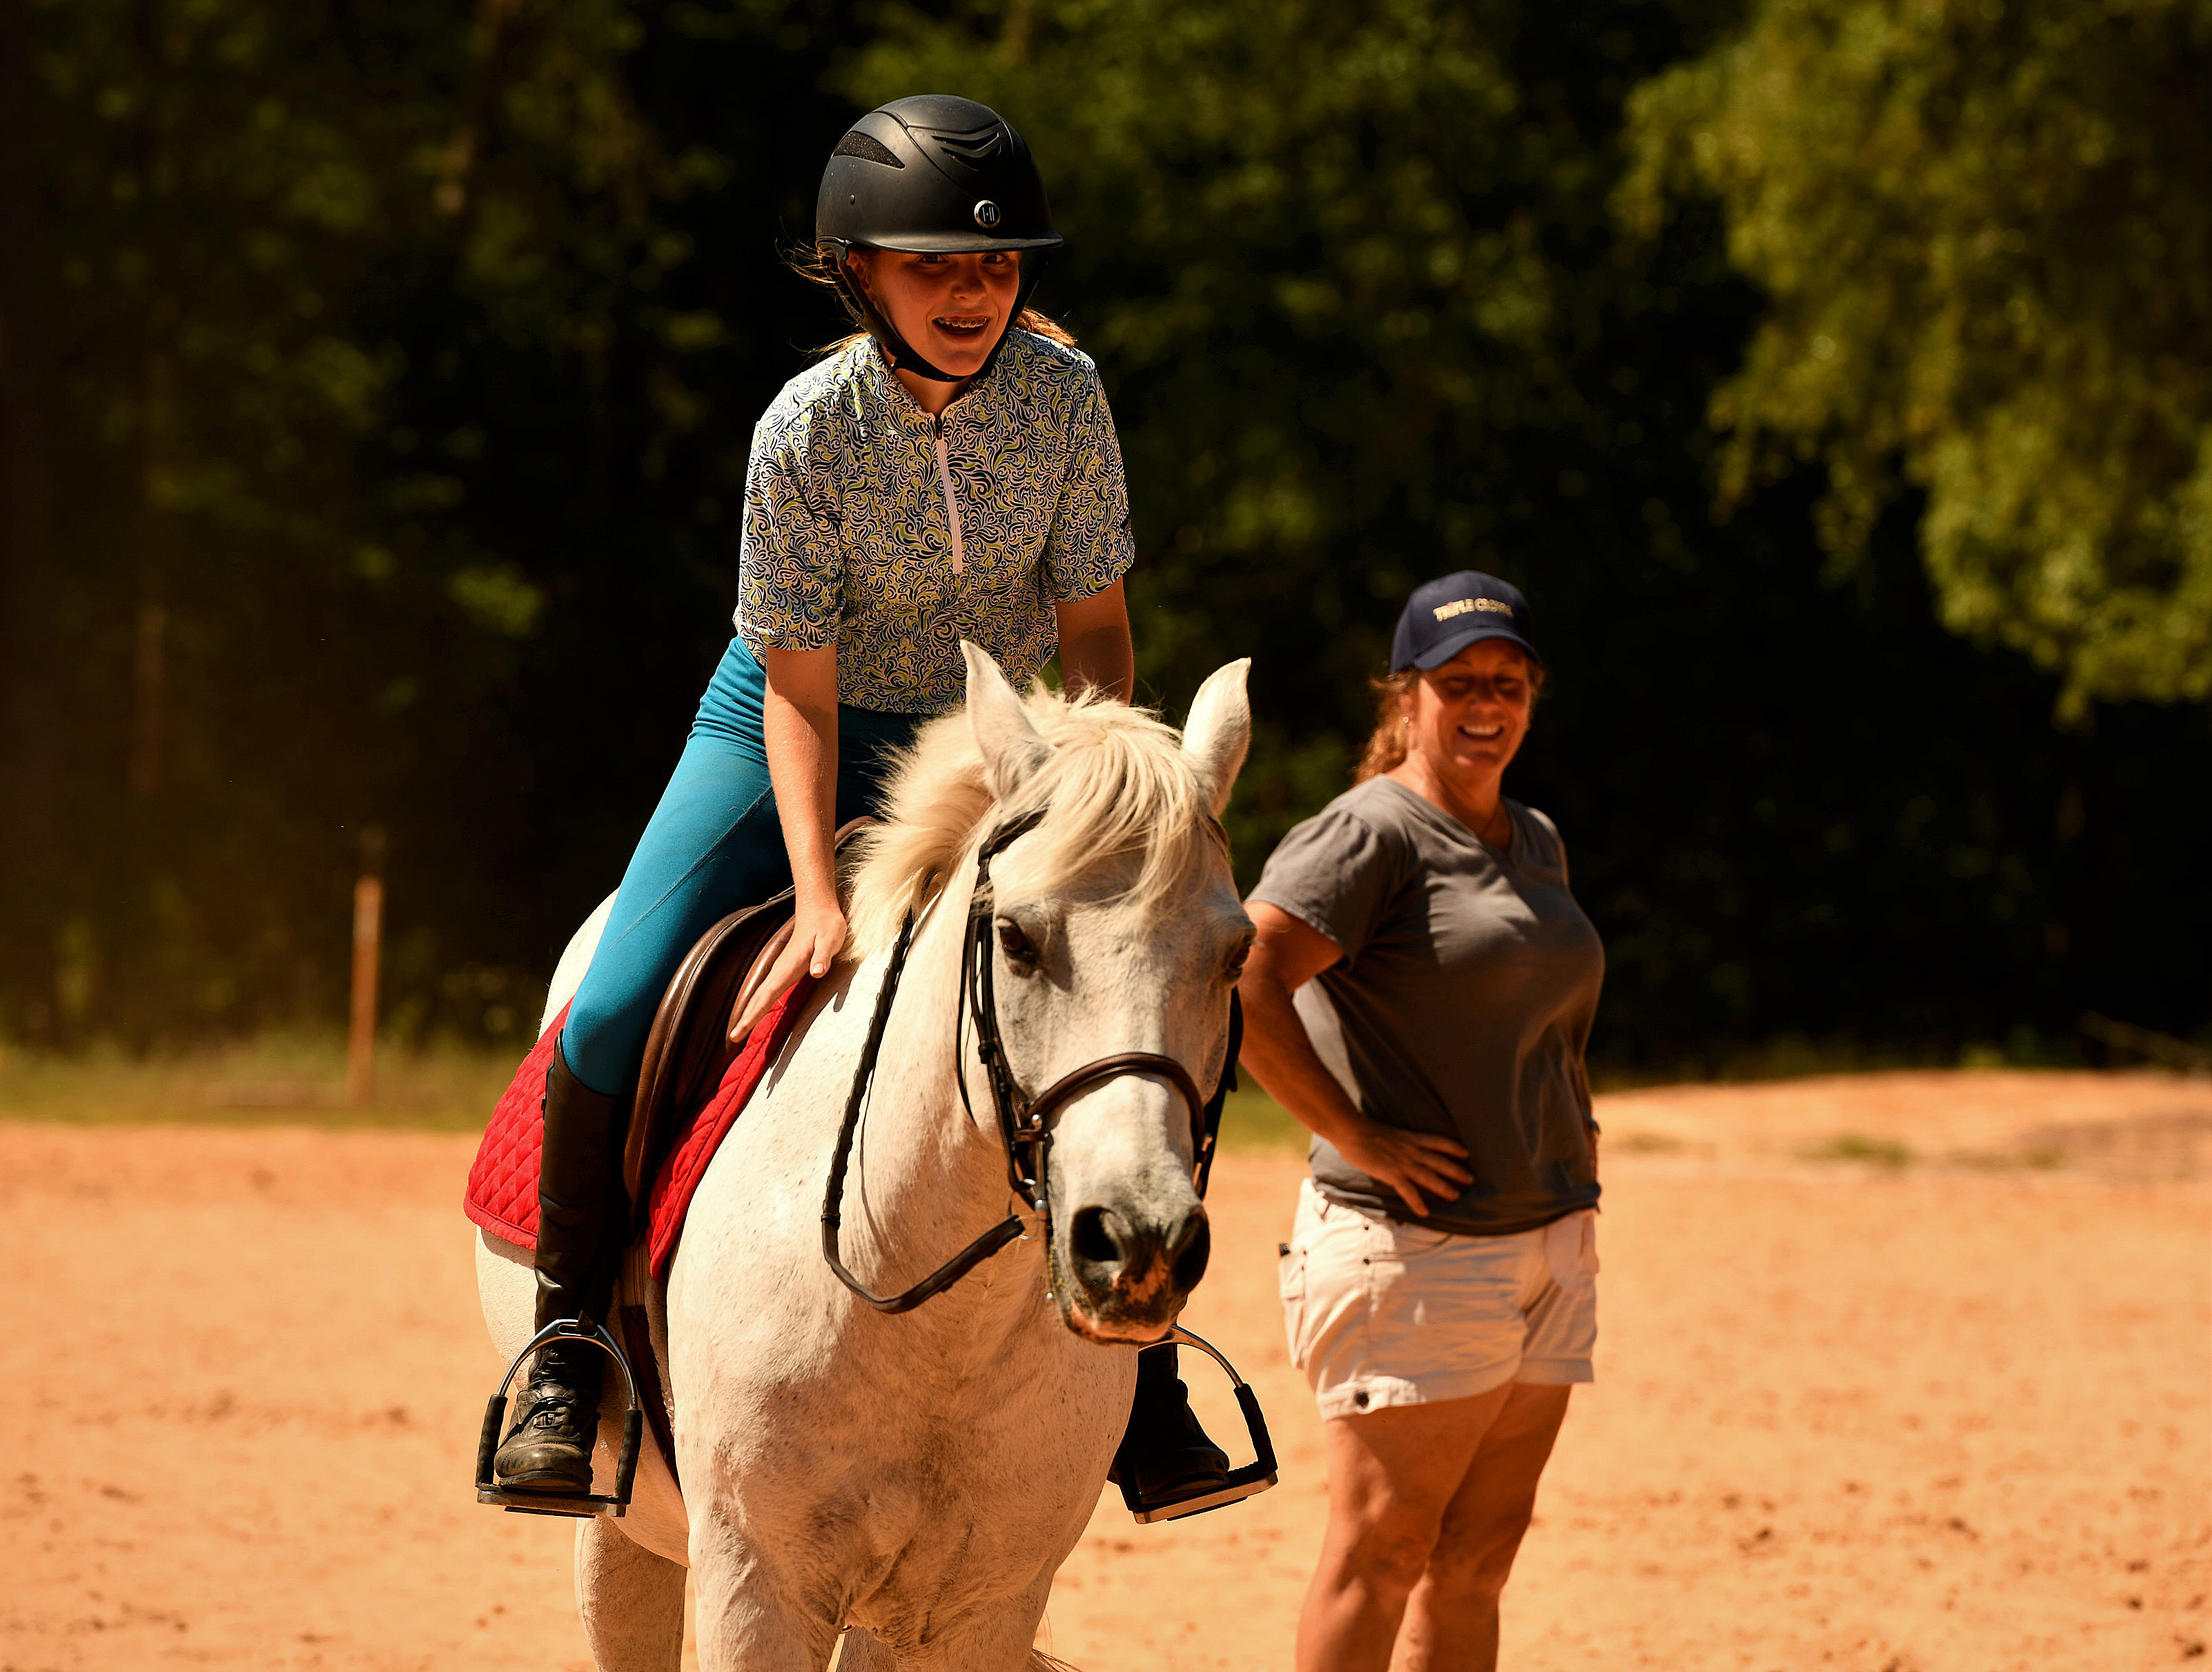 Anna pats pony_8501465